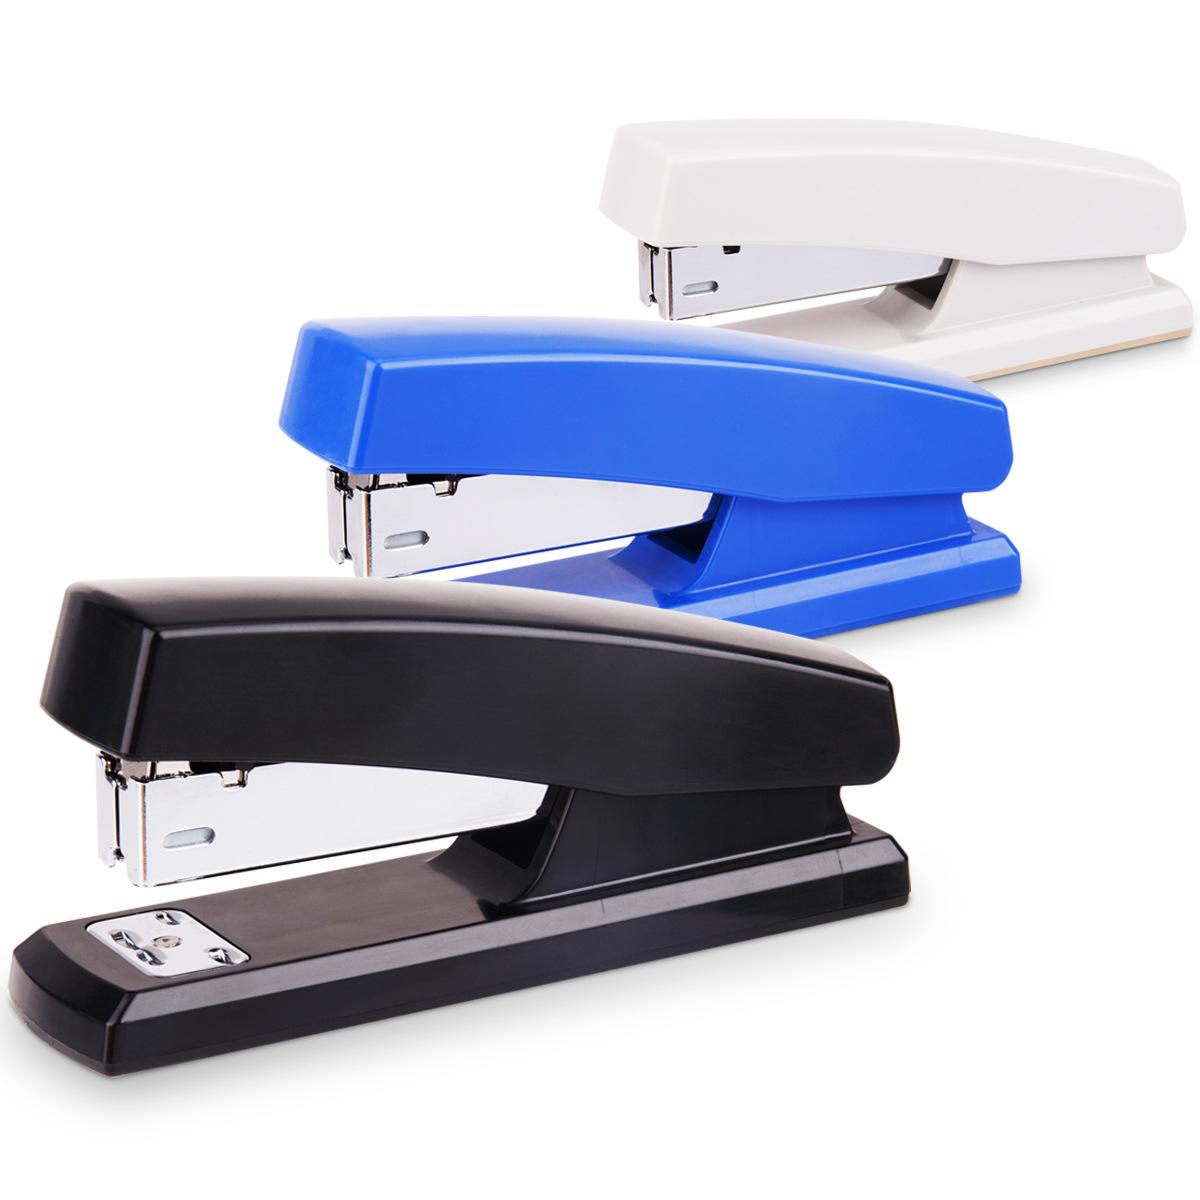 Deli Thị trường Đồ dùng văn phòng 0425 Stapler Văn phòng Stapler 12 Stapler Máy đóng sách dễ dàng Bi